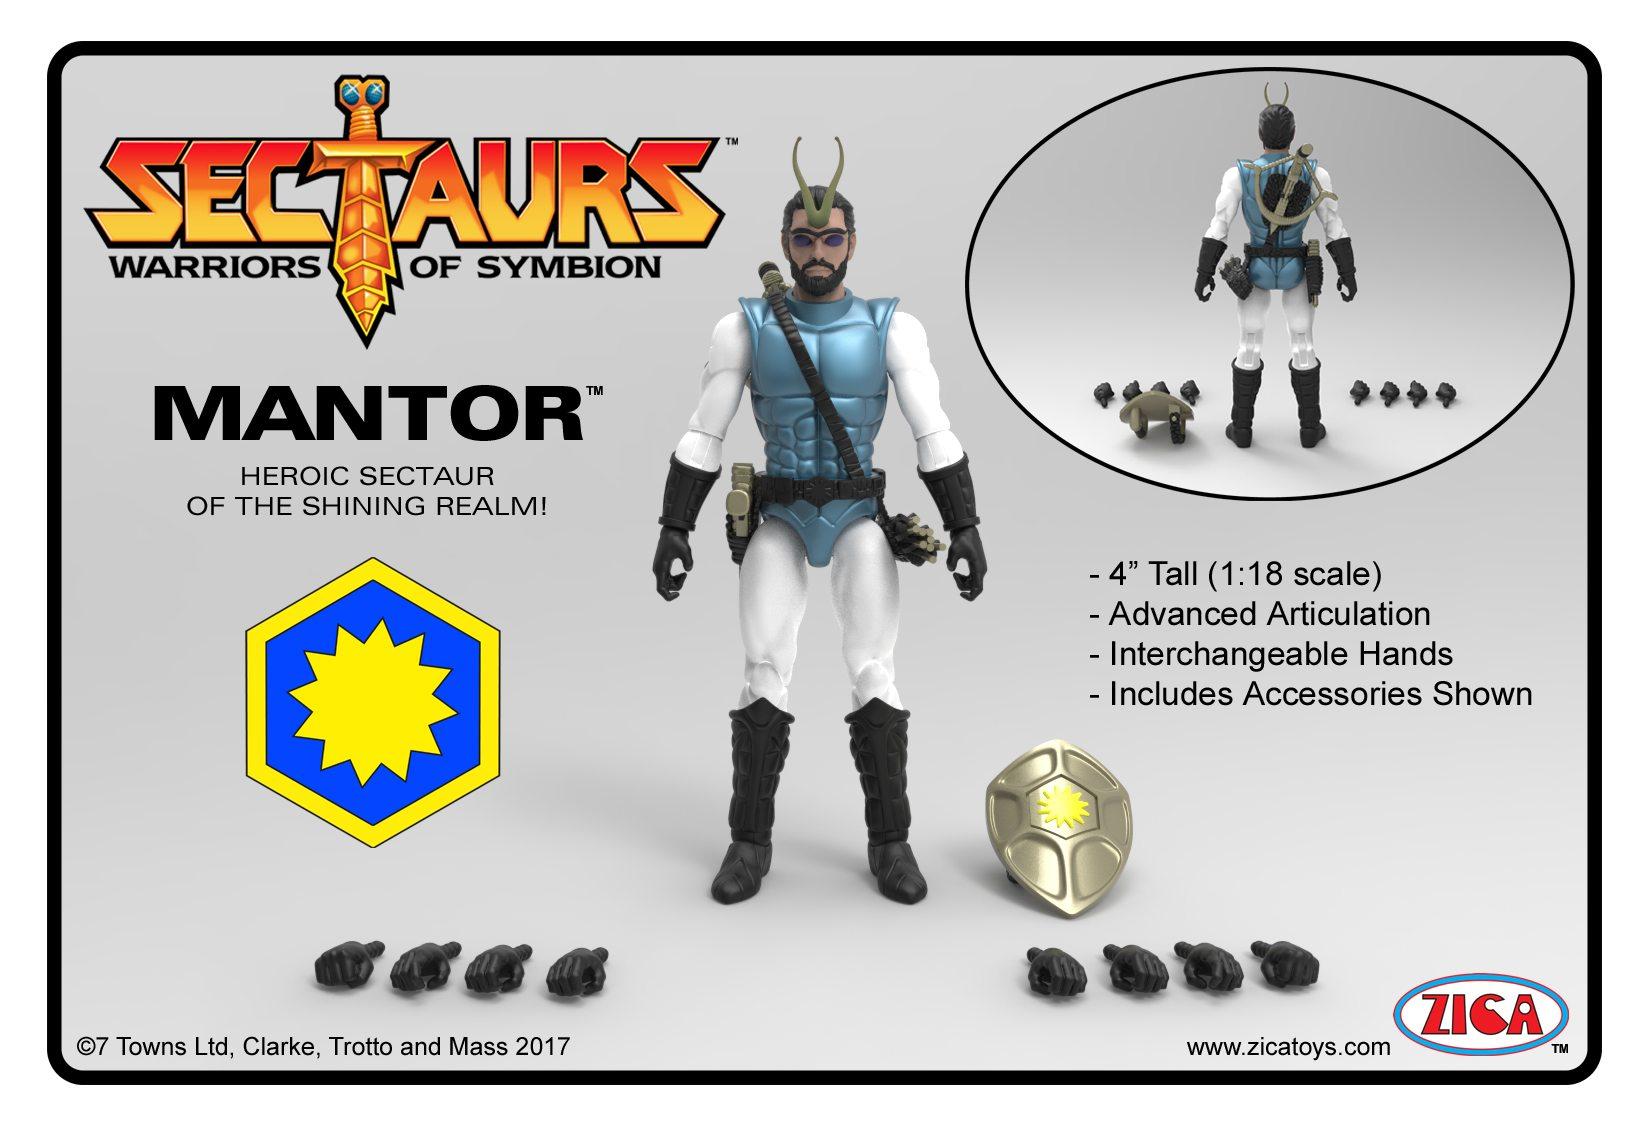 Kickstarter Alert: 'Sectaurs' New Figure Reveal